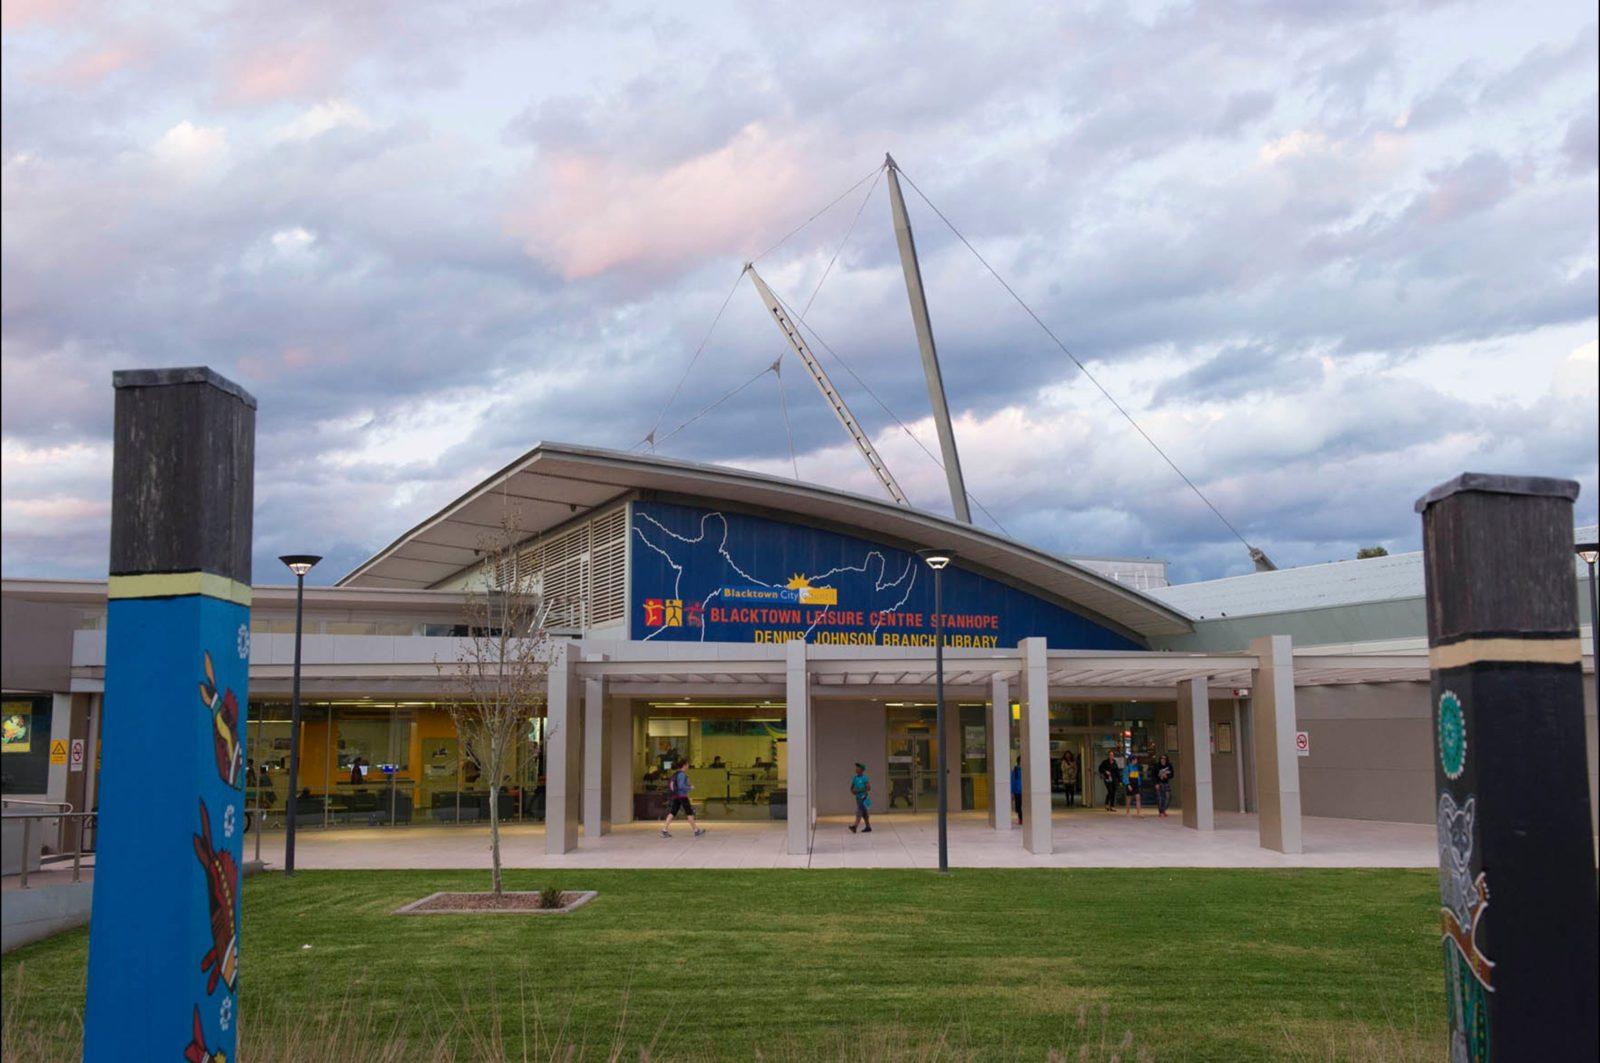 Blacktown Leisure Centre Stanhope